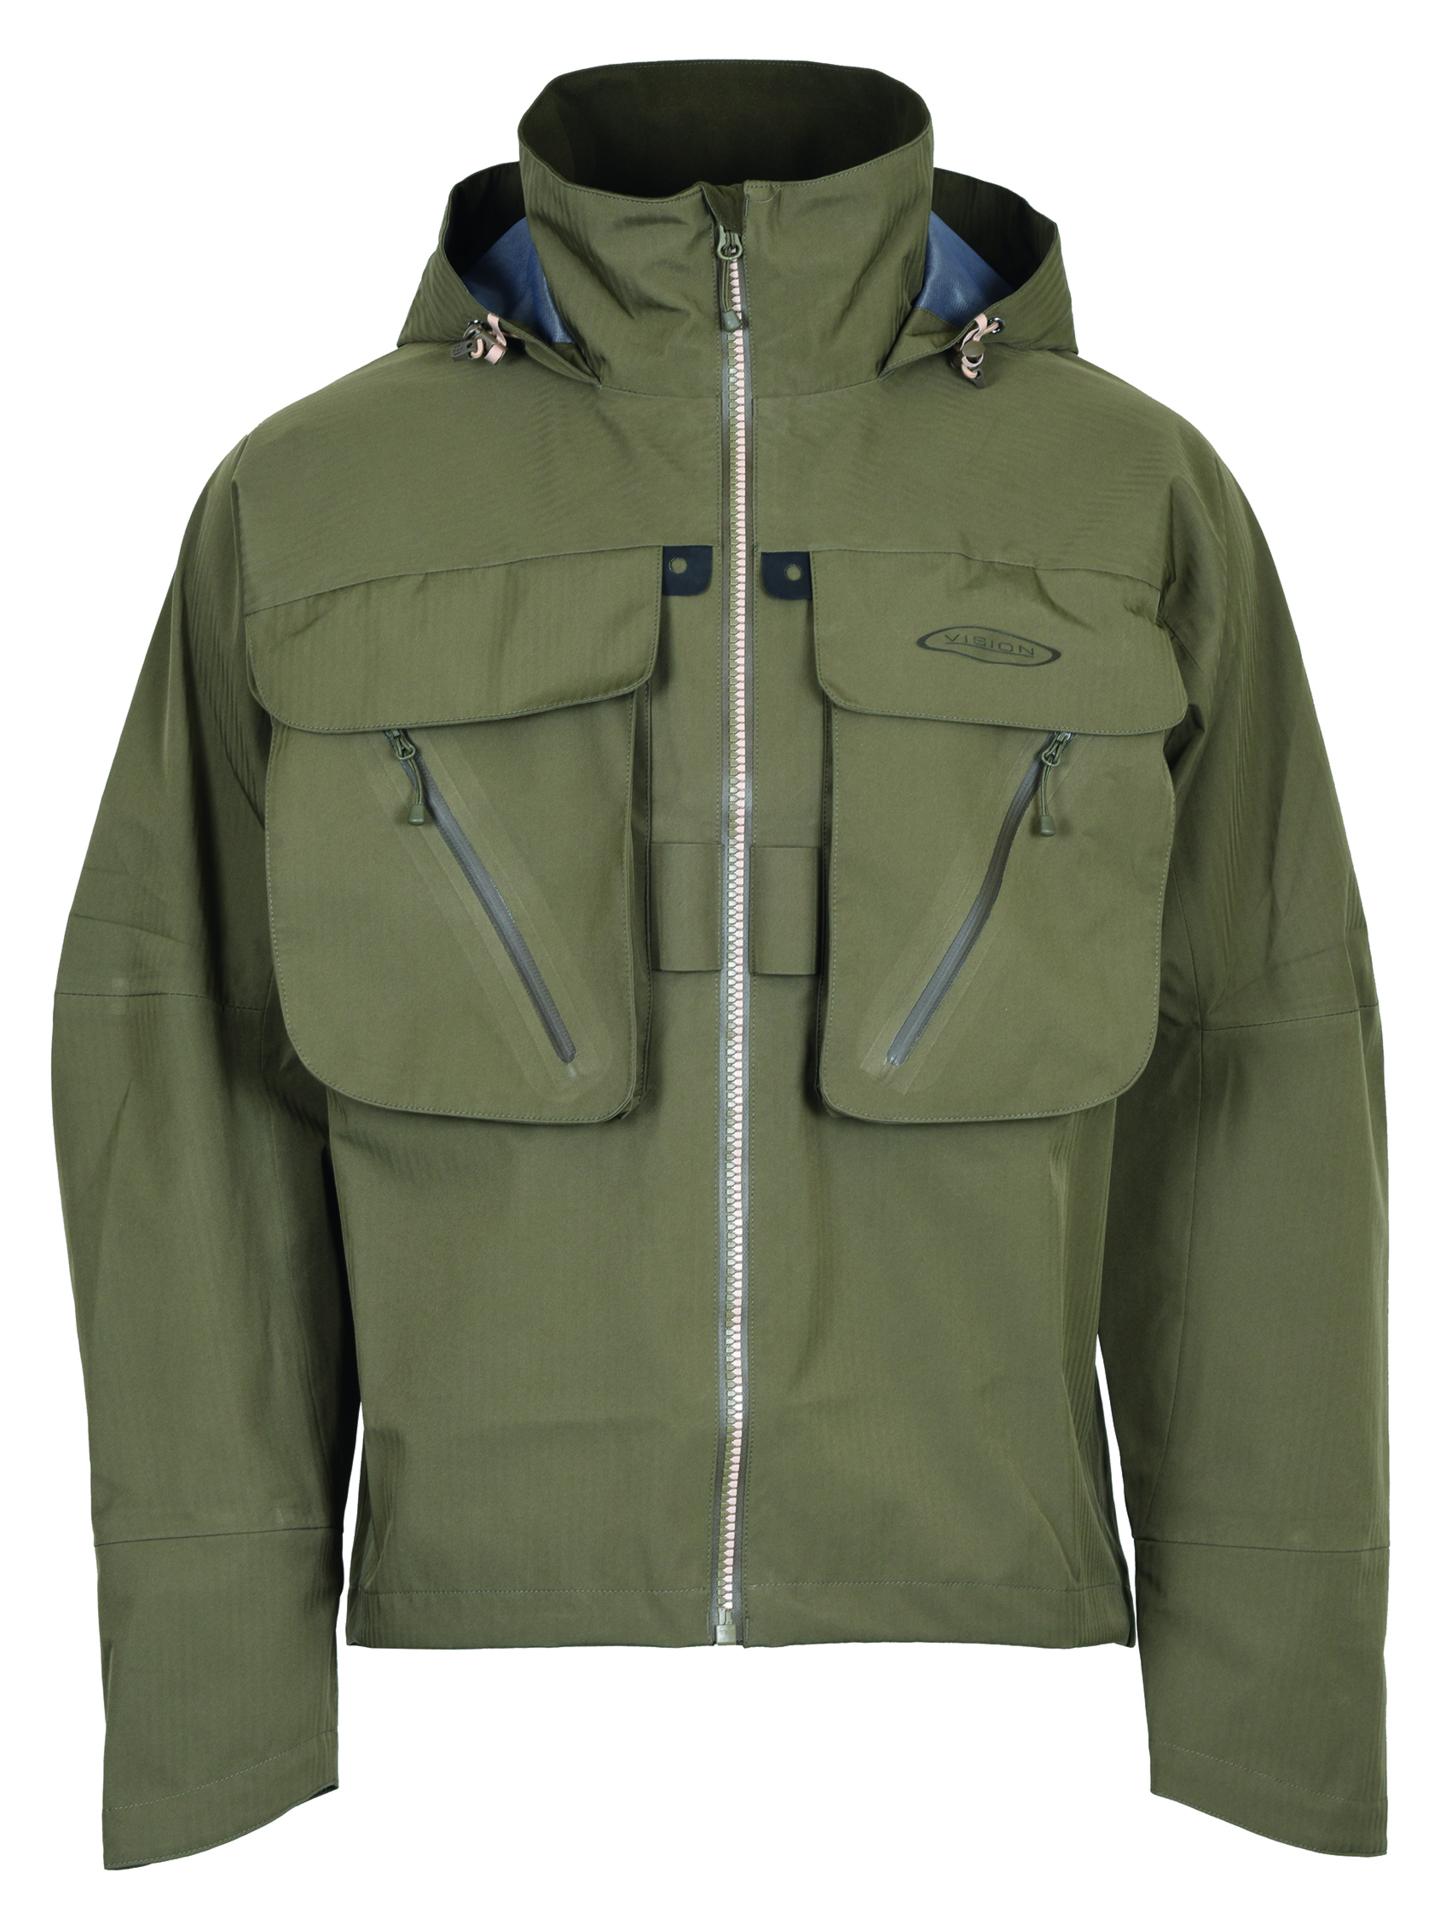 Vision Pupa Wading Jacket Dark Green Breathable Waterproof Wading Jacket